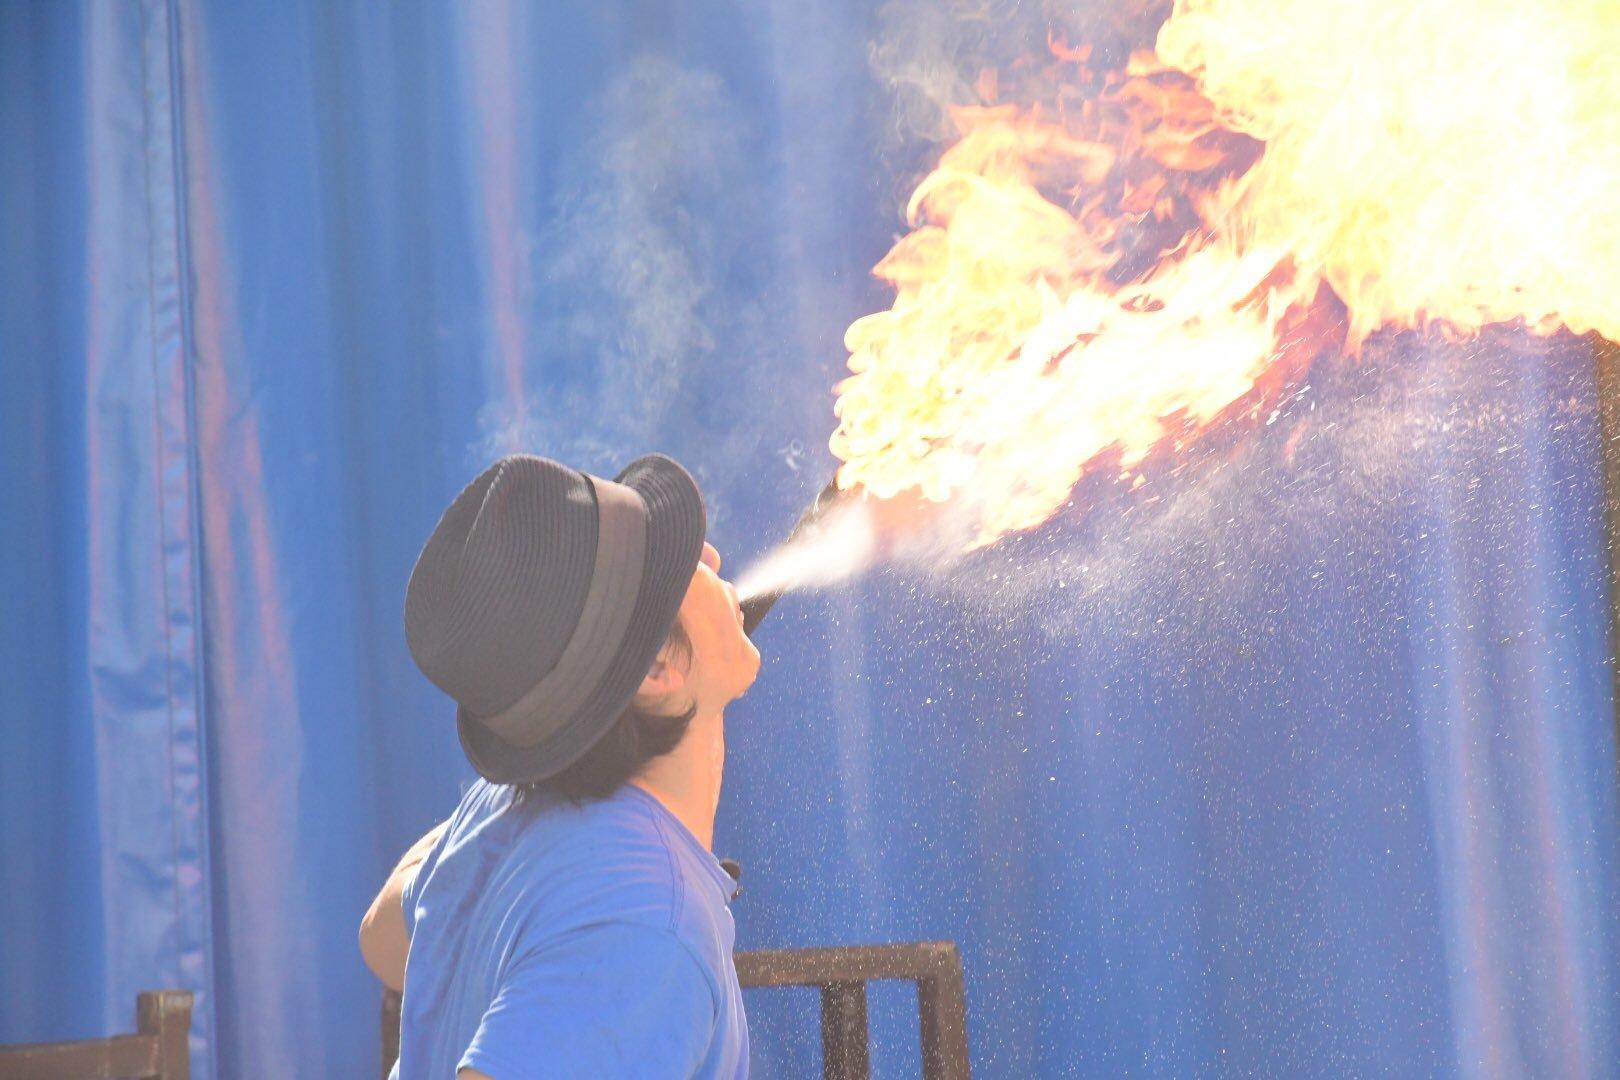 宇都宮動物園で大道芸人 GEN(ジェン)が火吹きを行っている。